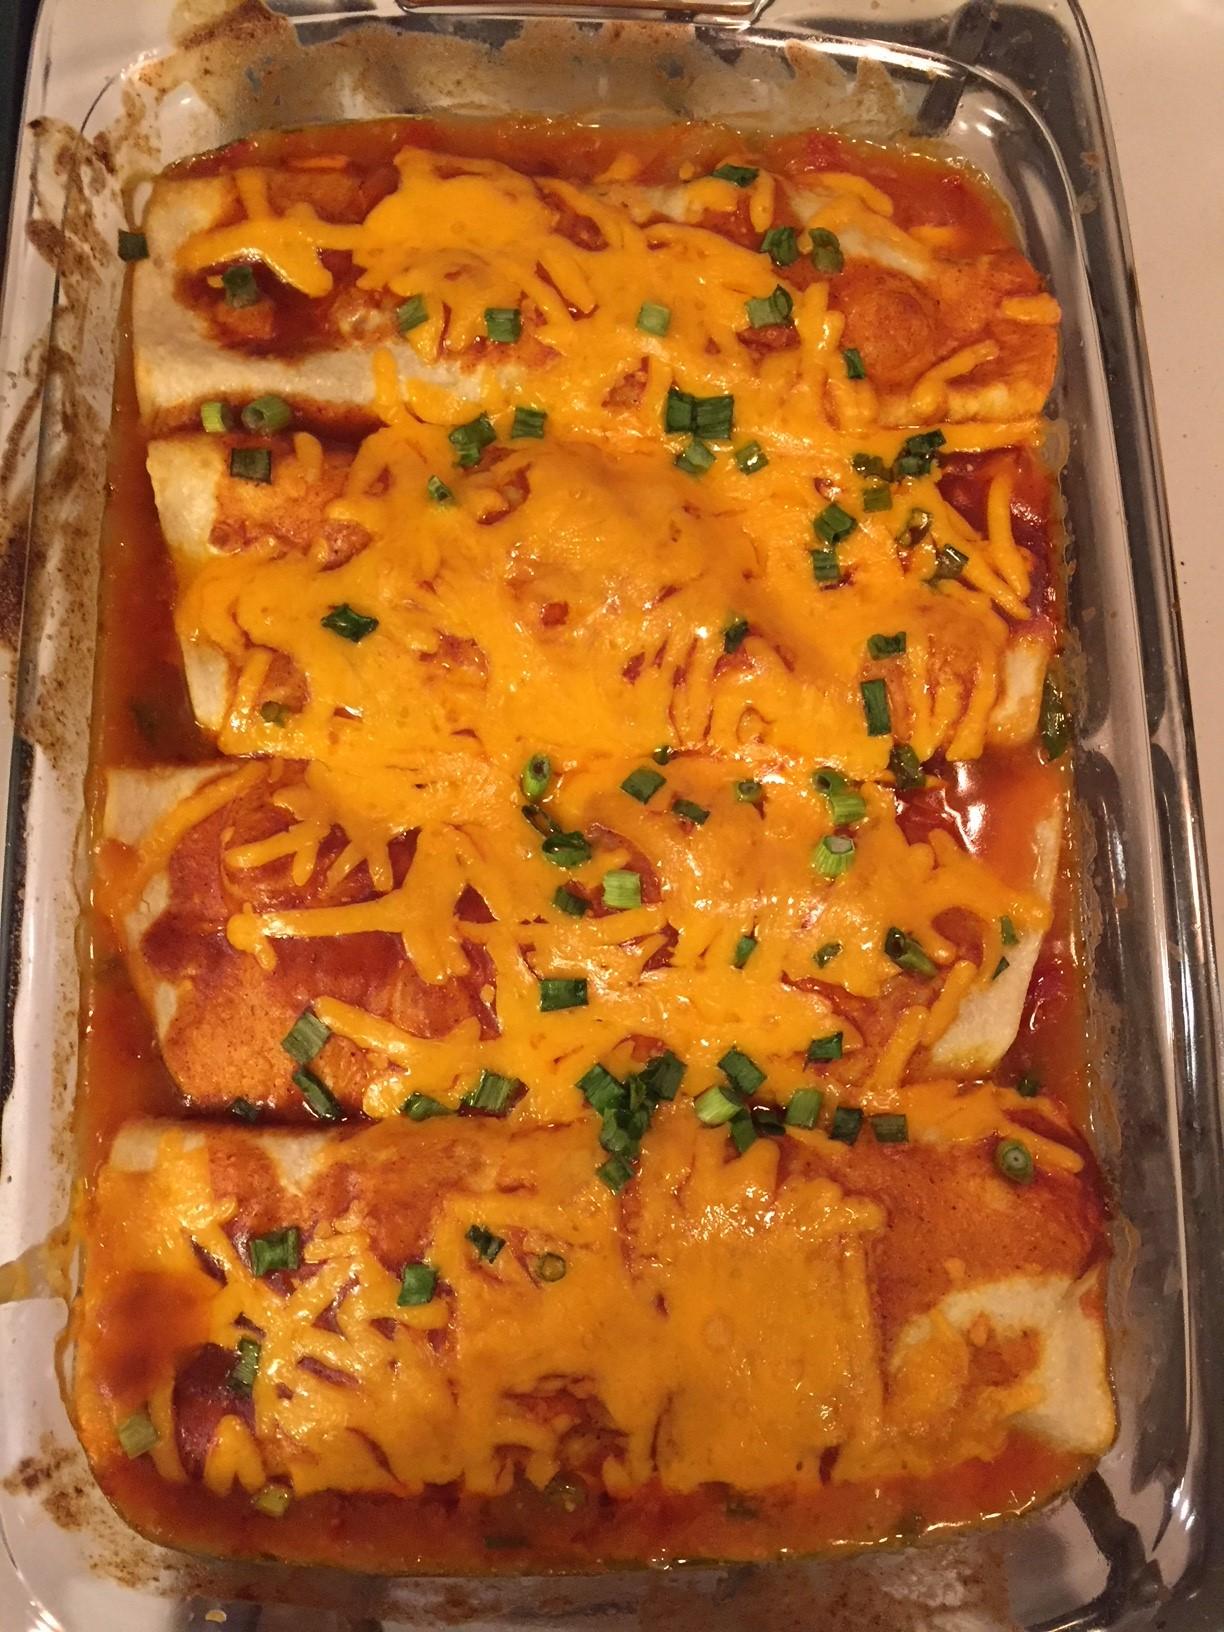 Gerry's Chicken Enchiladas